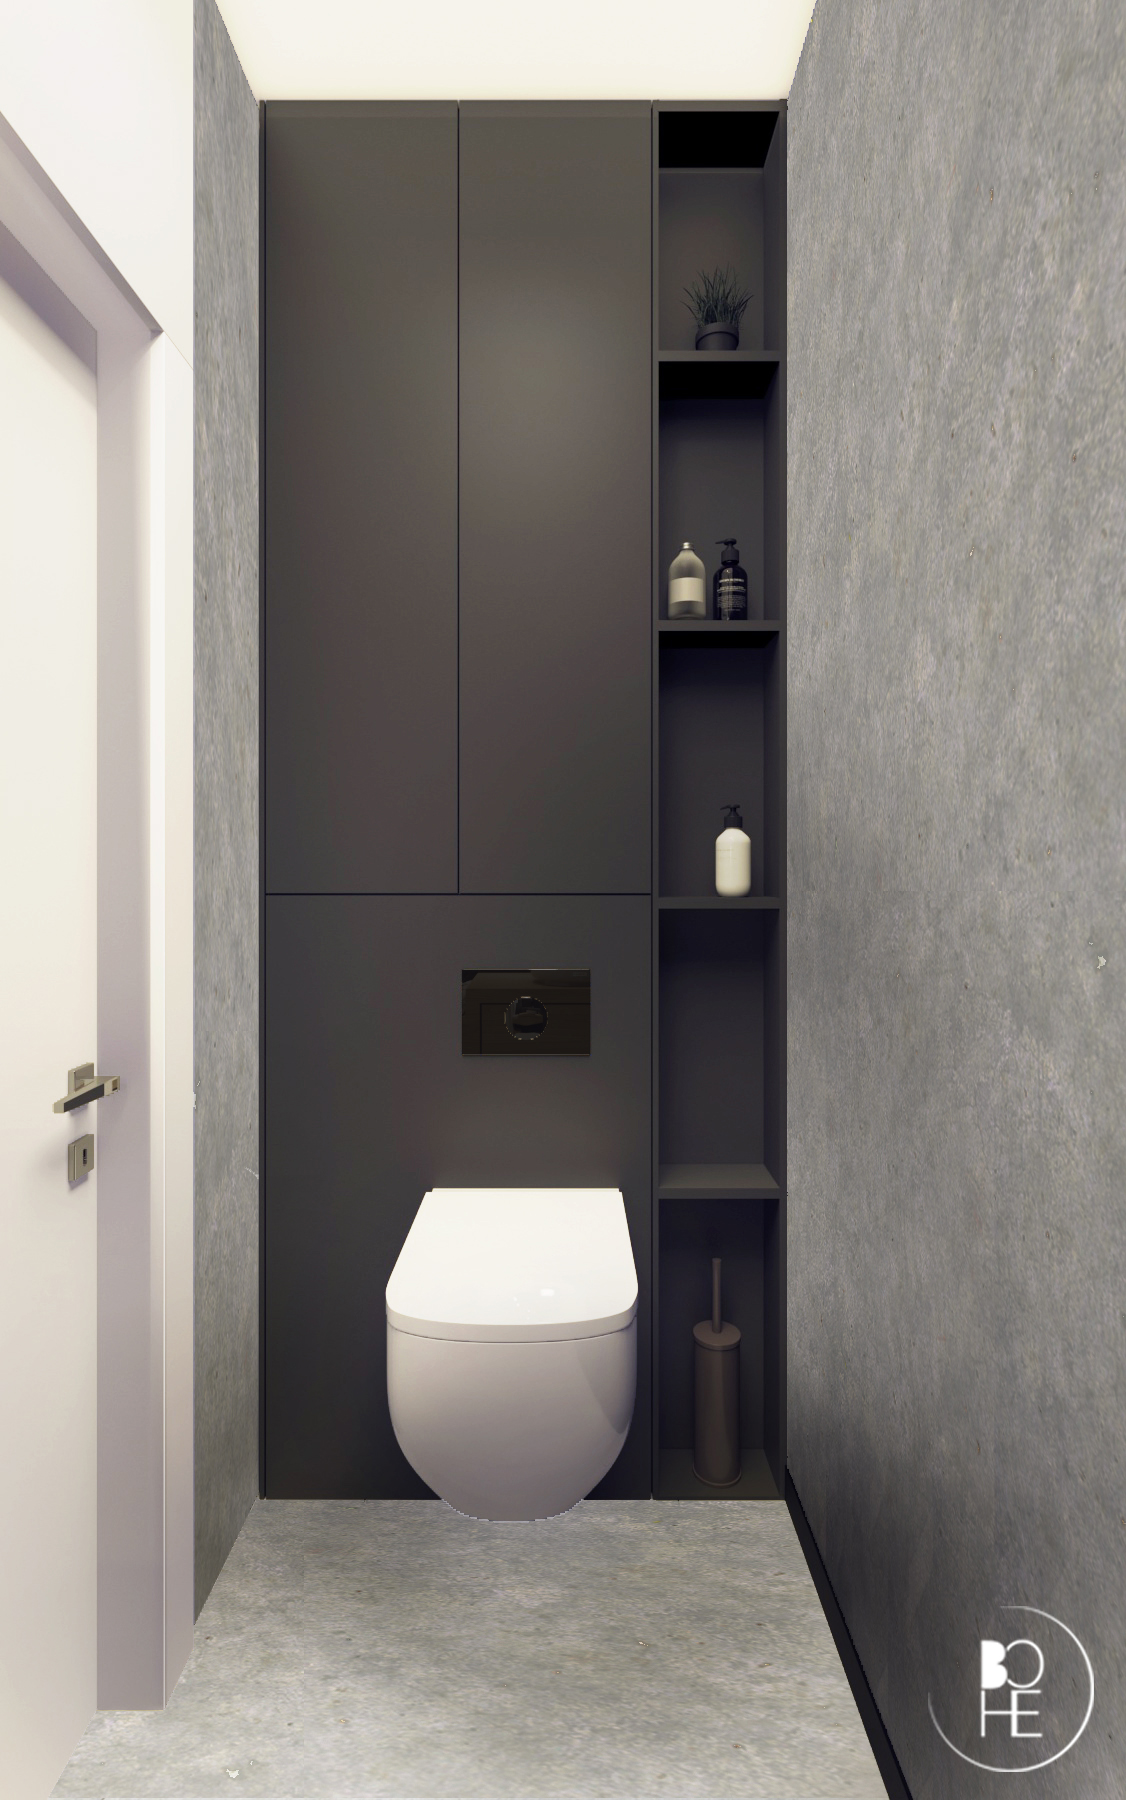 projekt wnętrza toalety w warszawie z białym sedesem z mikrocementem